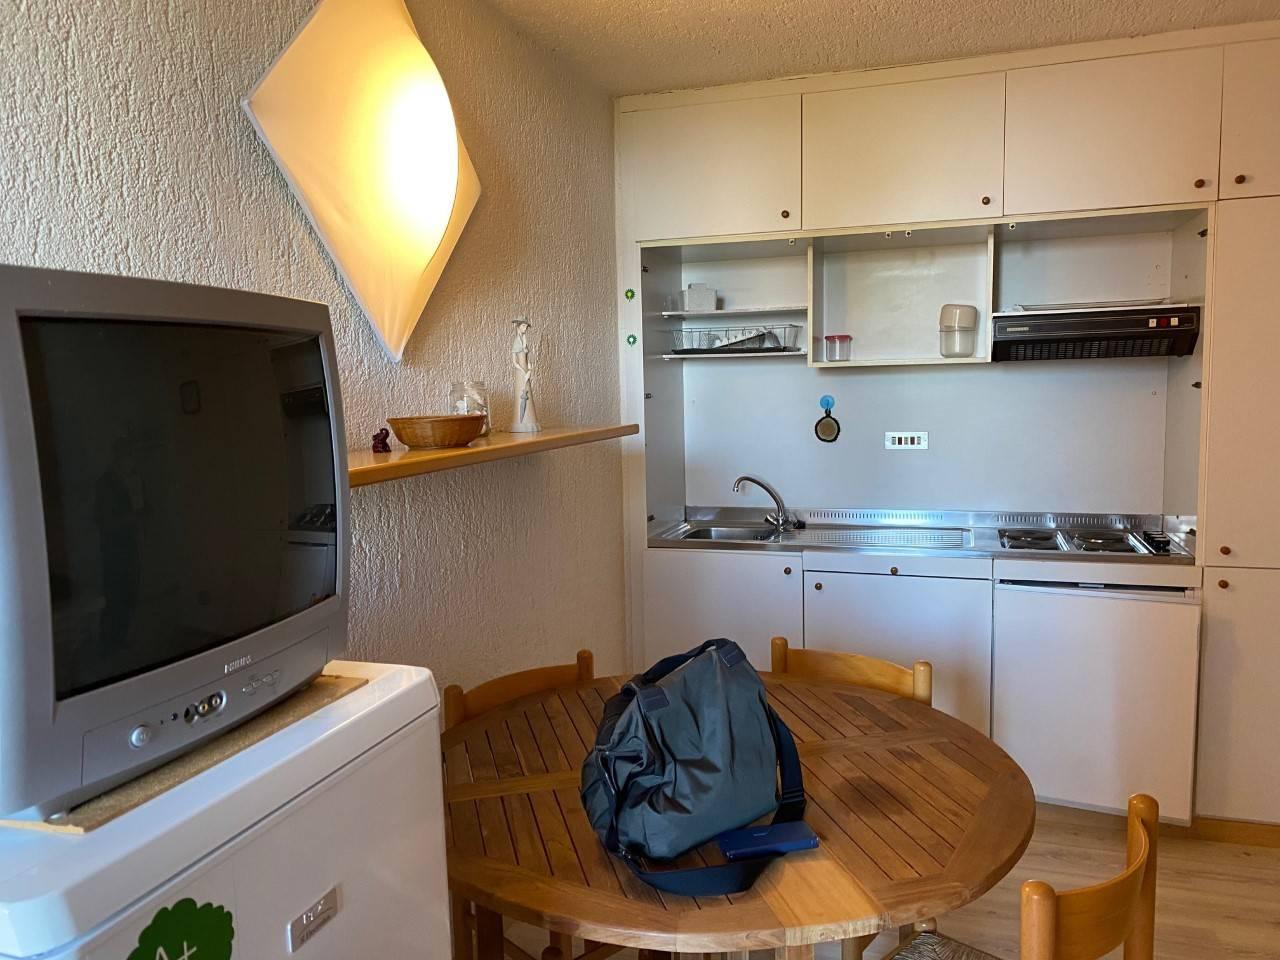 Appartamento in vendita a Olbia - Porto Rotondo, 2 locali, zona Località: Cugnana, prezzo € 80.000   PortaleAgenzieImmobiliari.it